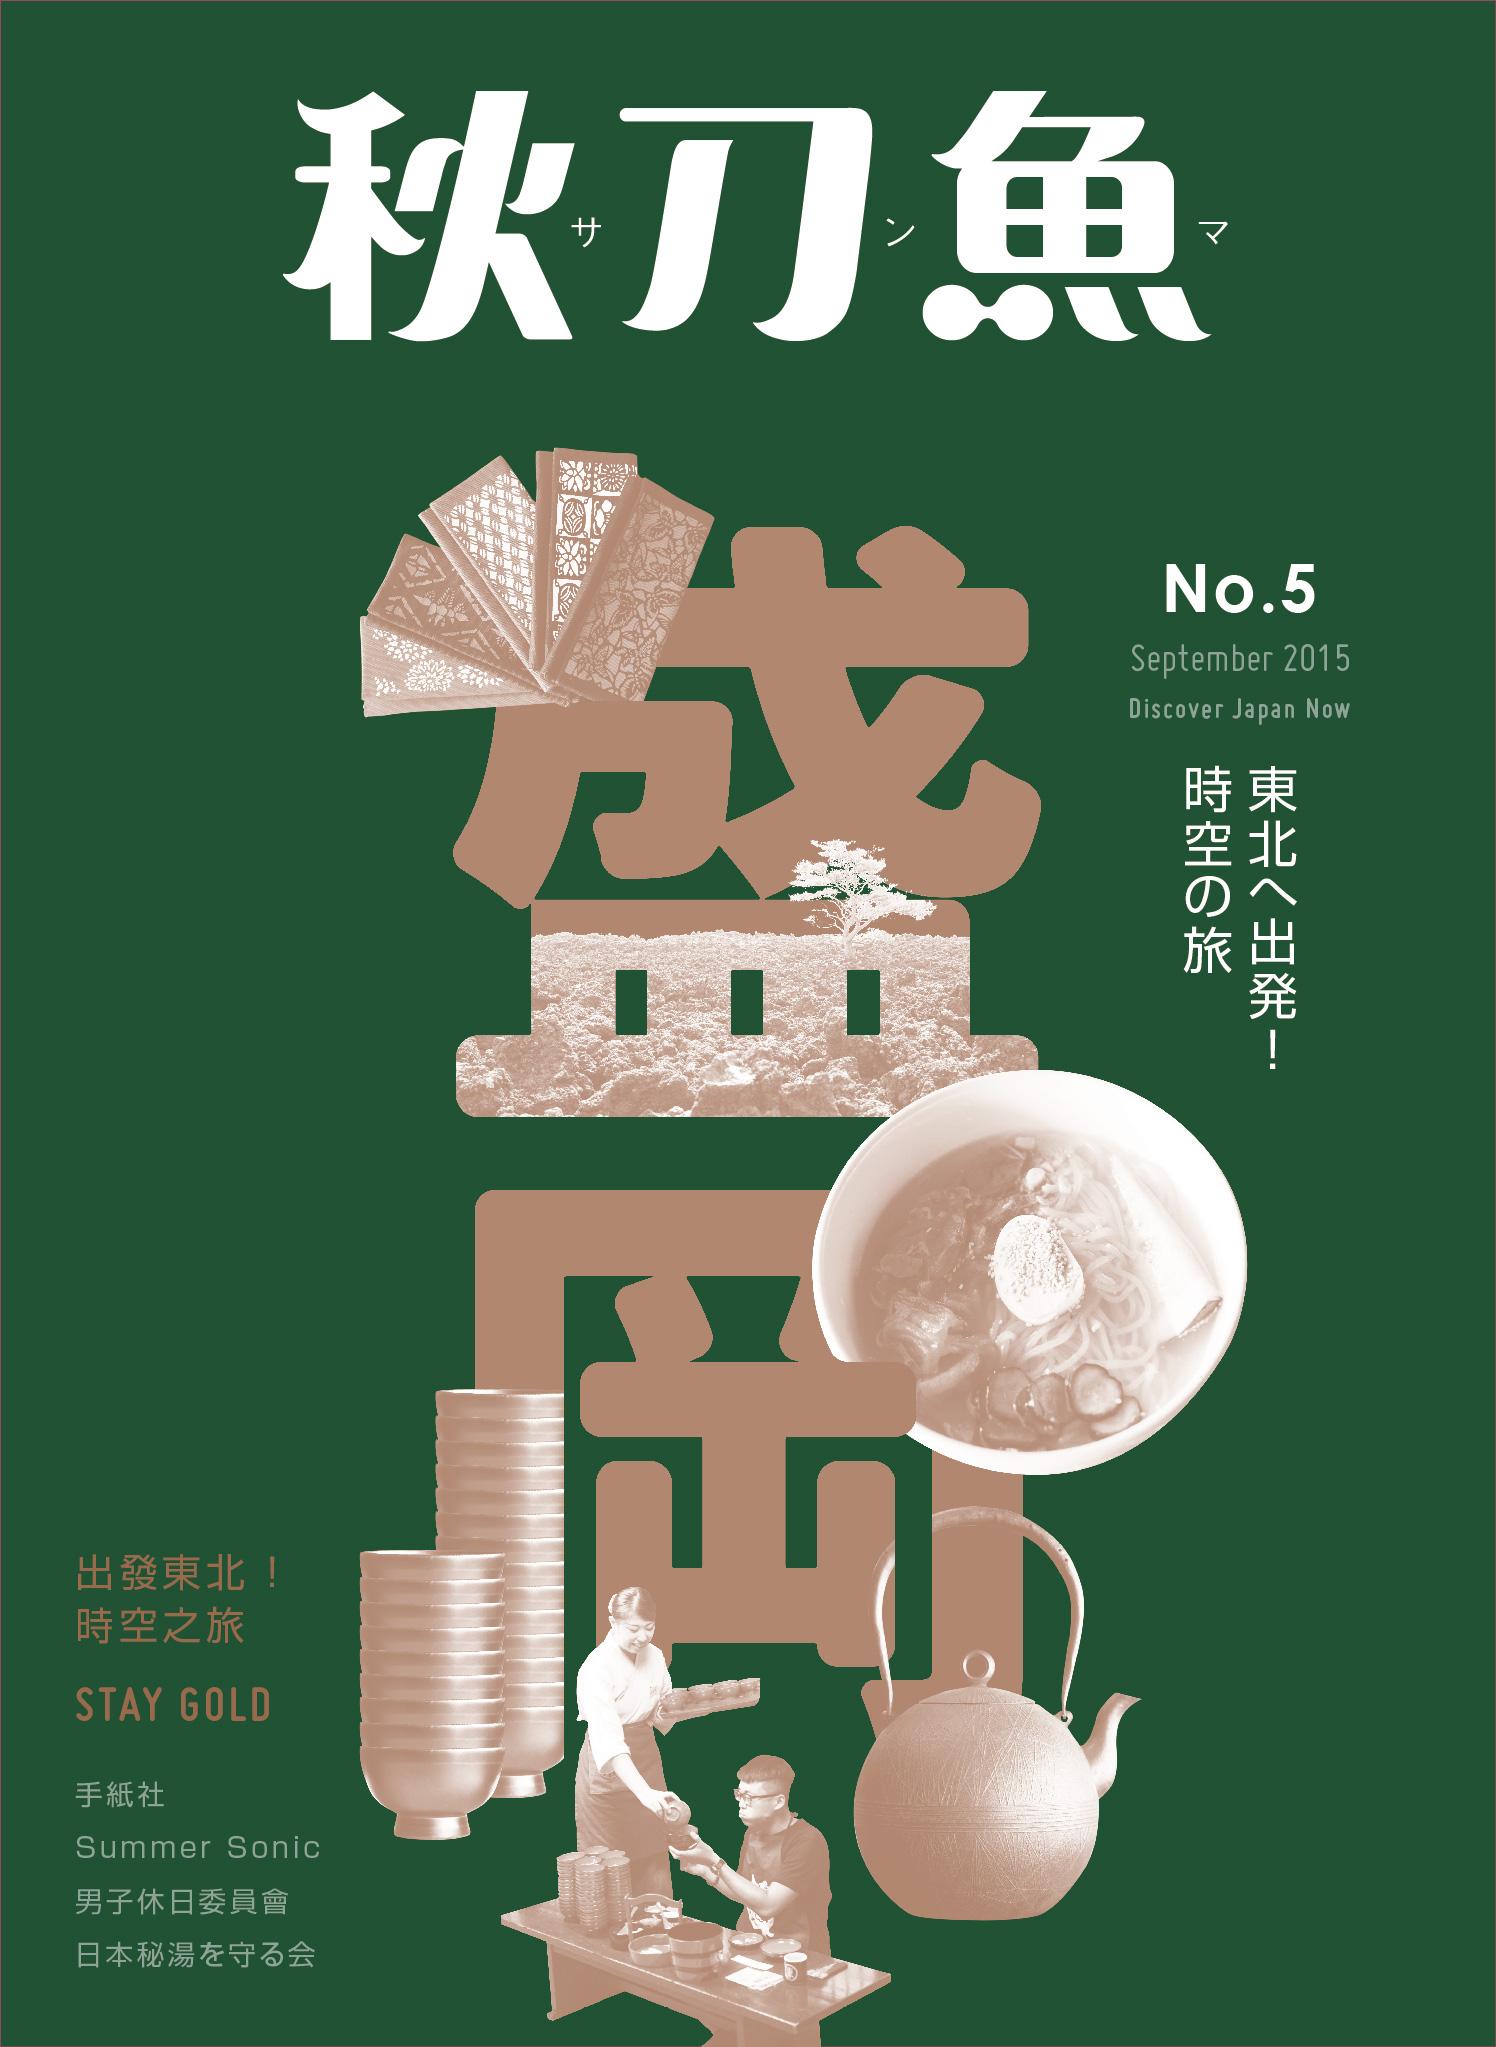 秋刀魚 第5期  〈出發東北!時空之旅〉  在庫  ﹥20